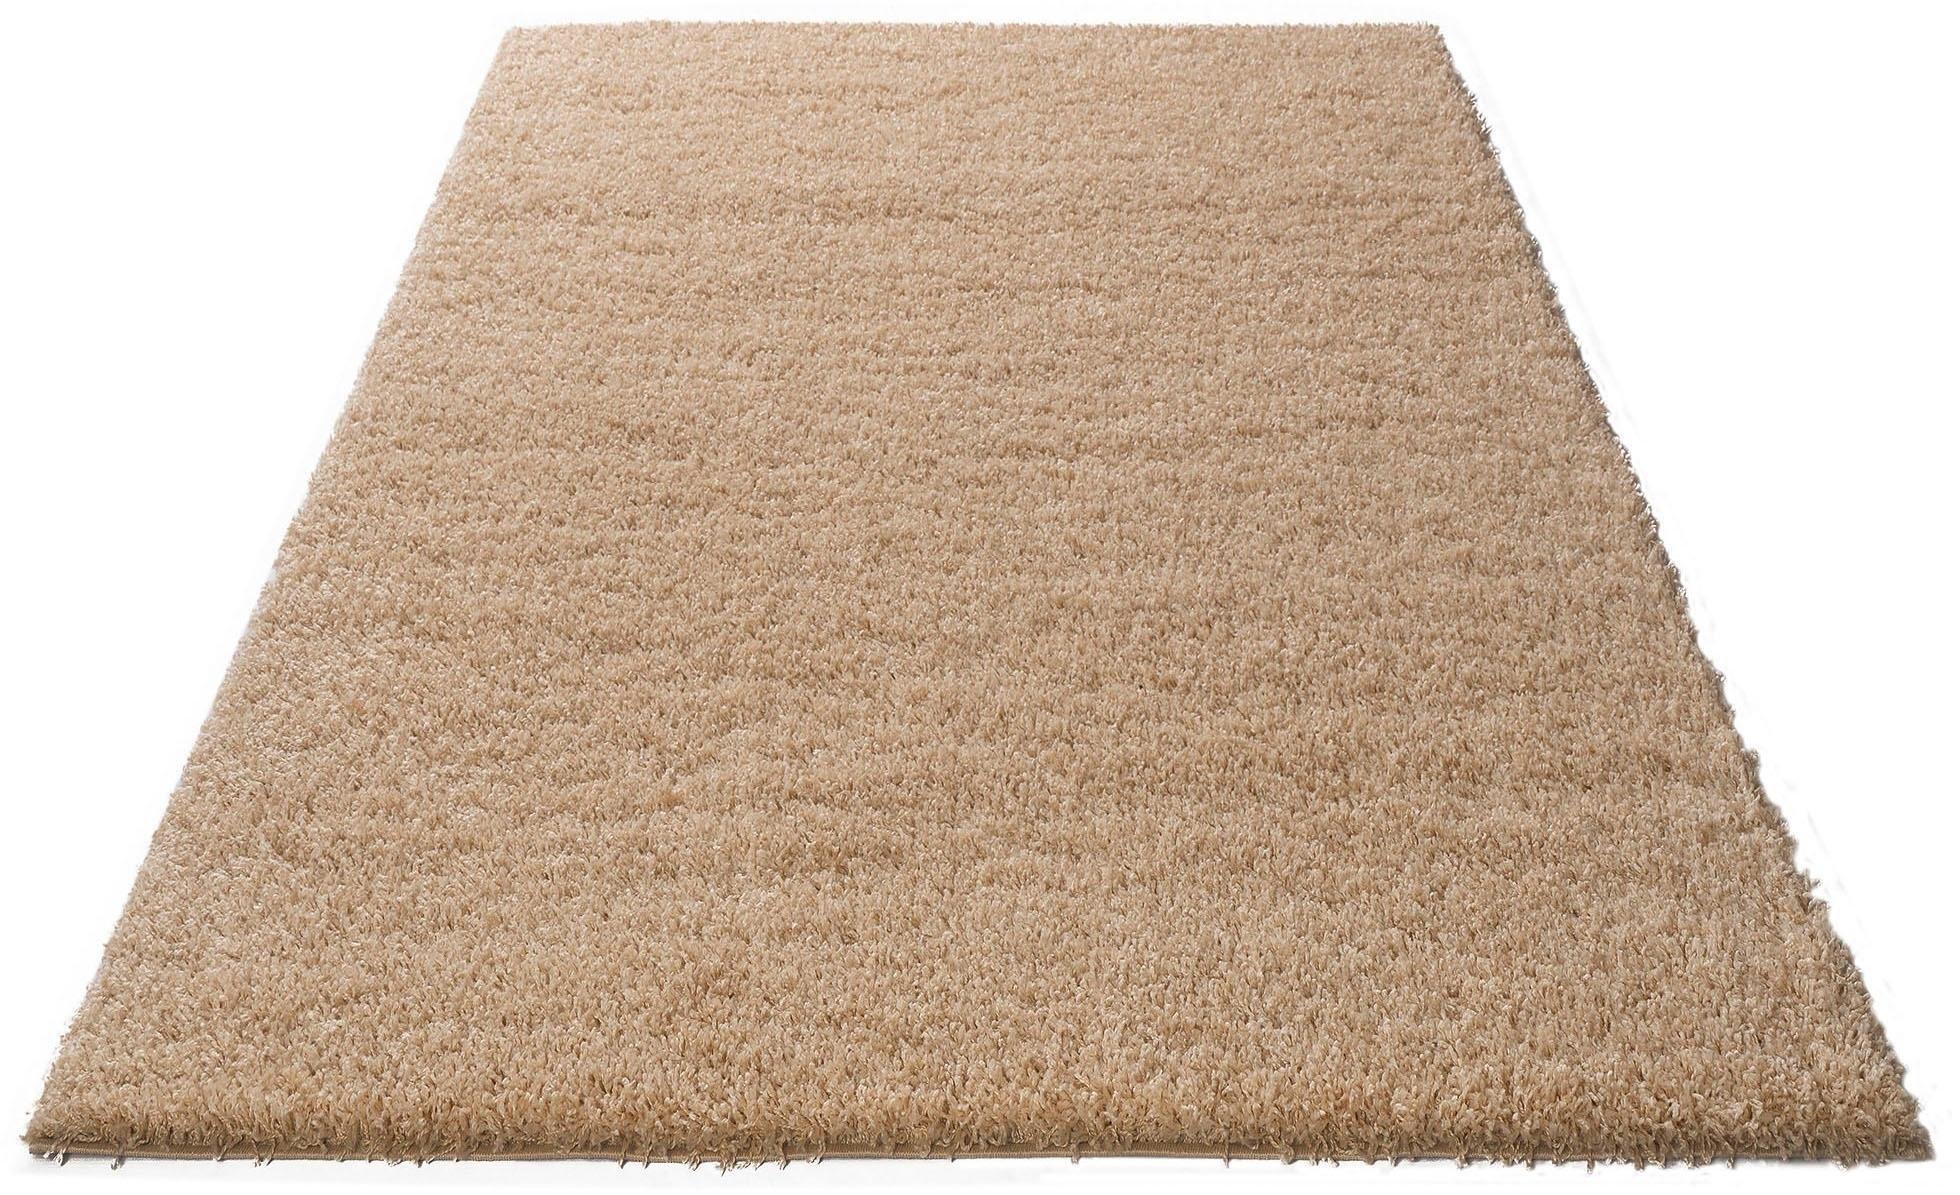 Op zoek naar een Home Affaire Hoogpolig vloerkleed,COLLECTION, »Shaggy 30«, hoogte 30 mm, geweven? Koop online bij OTTO